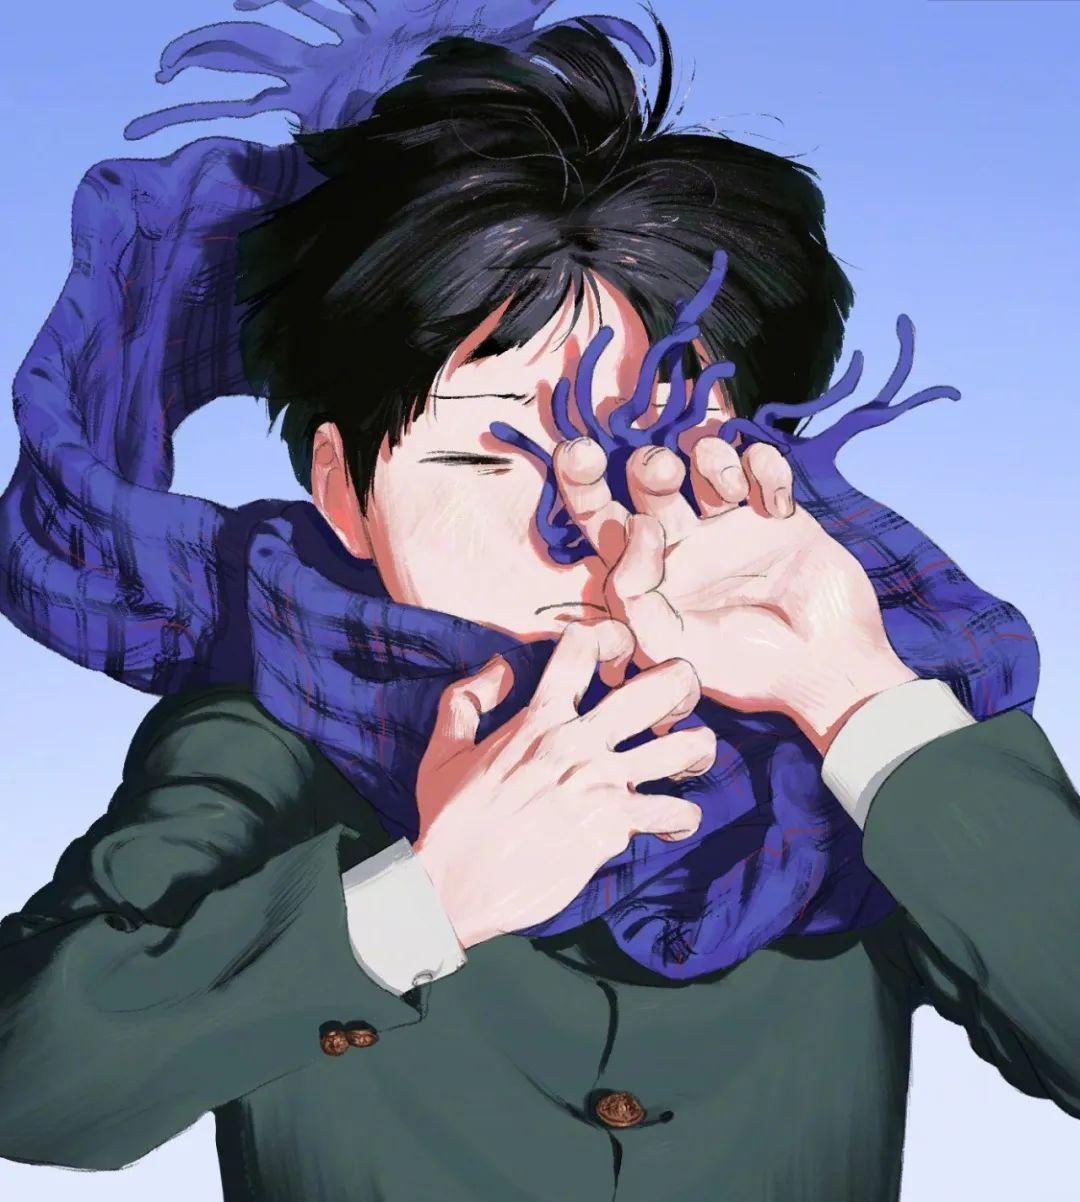 动漫壁纸 – 韩国插画师이원빈笔下的妙龄女郎_图片 No.15